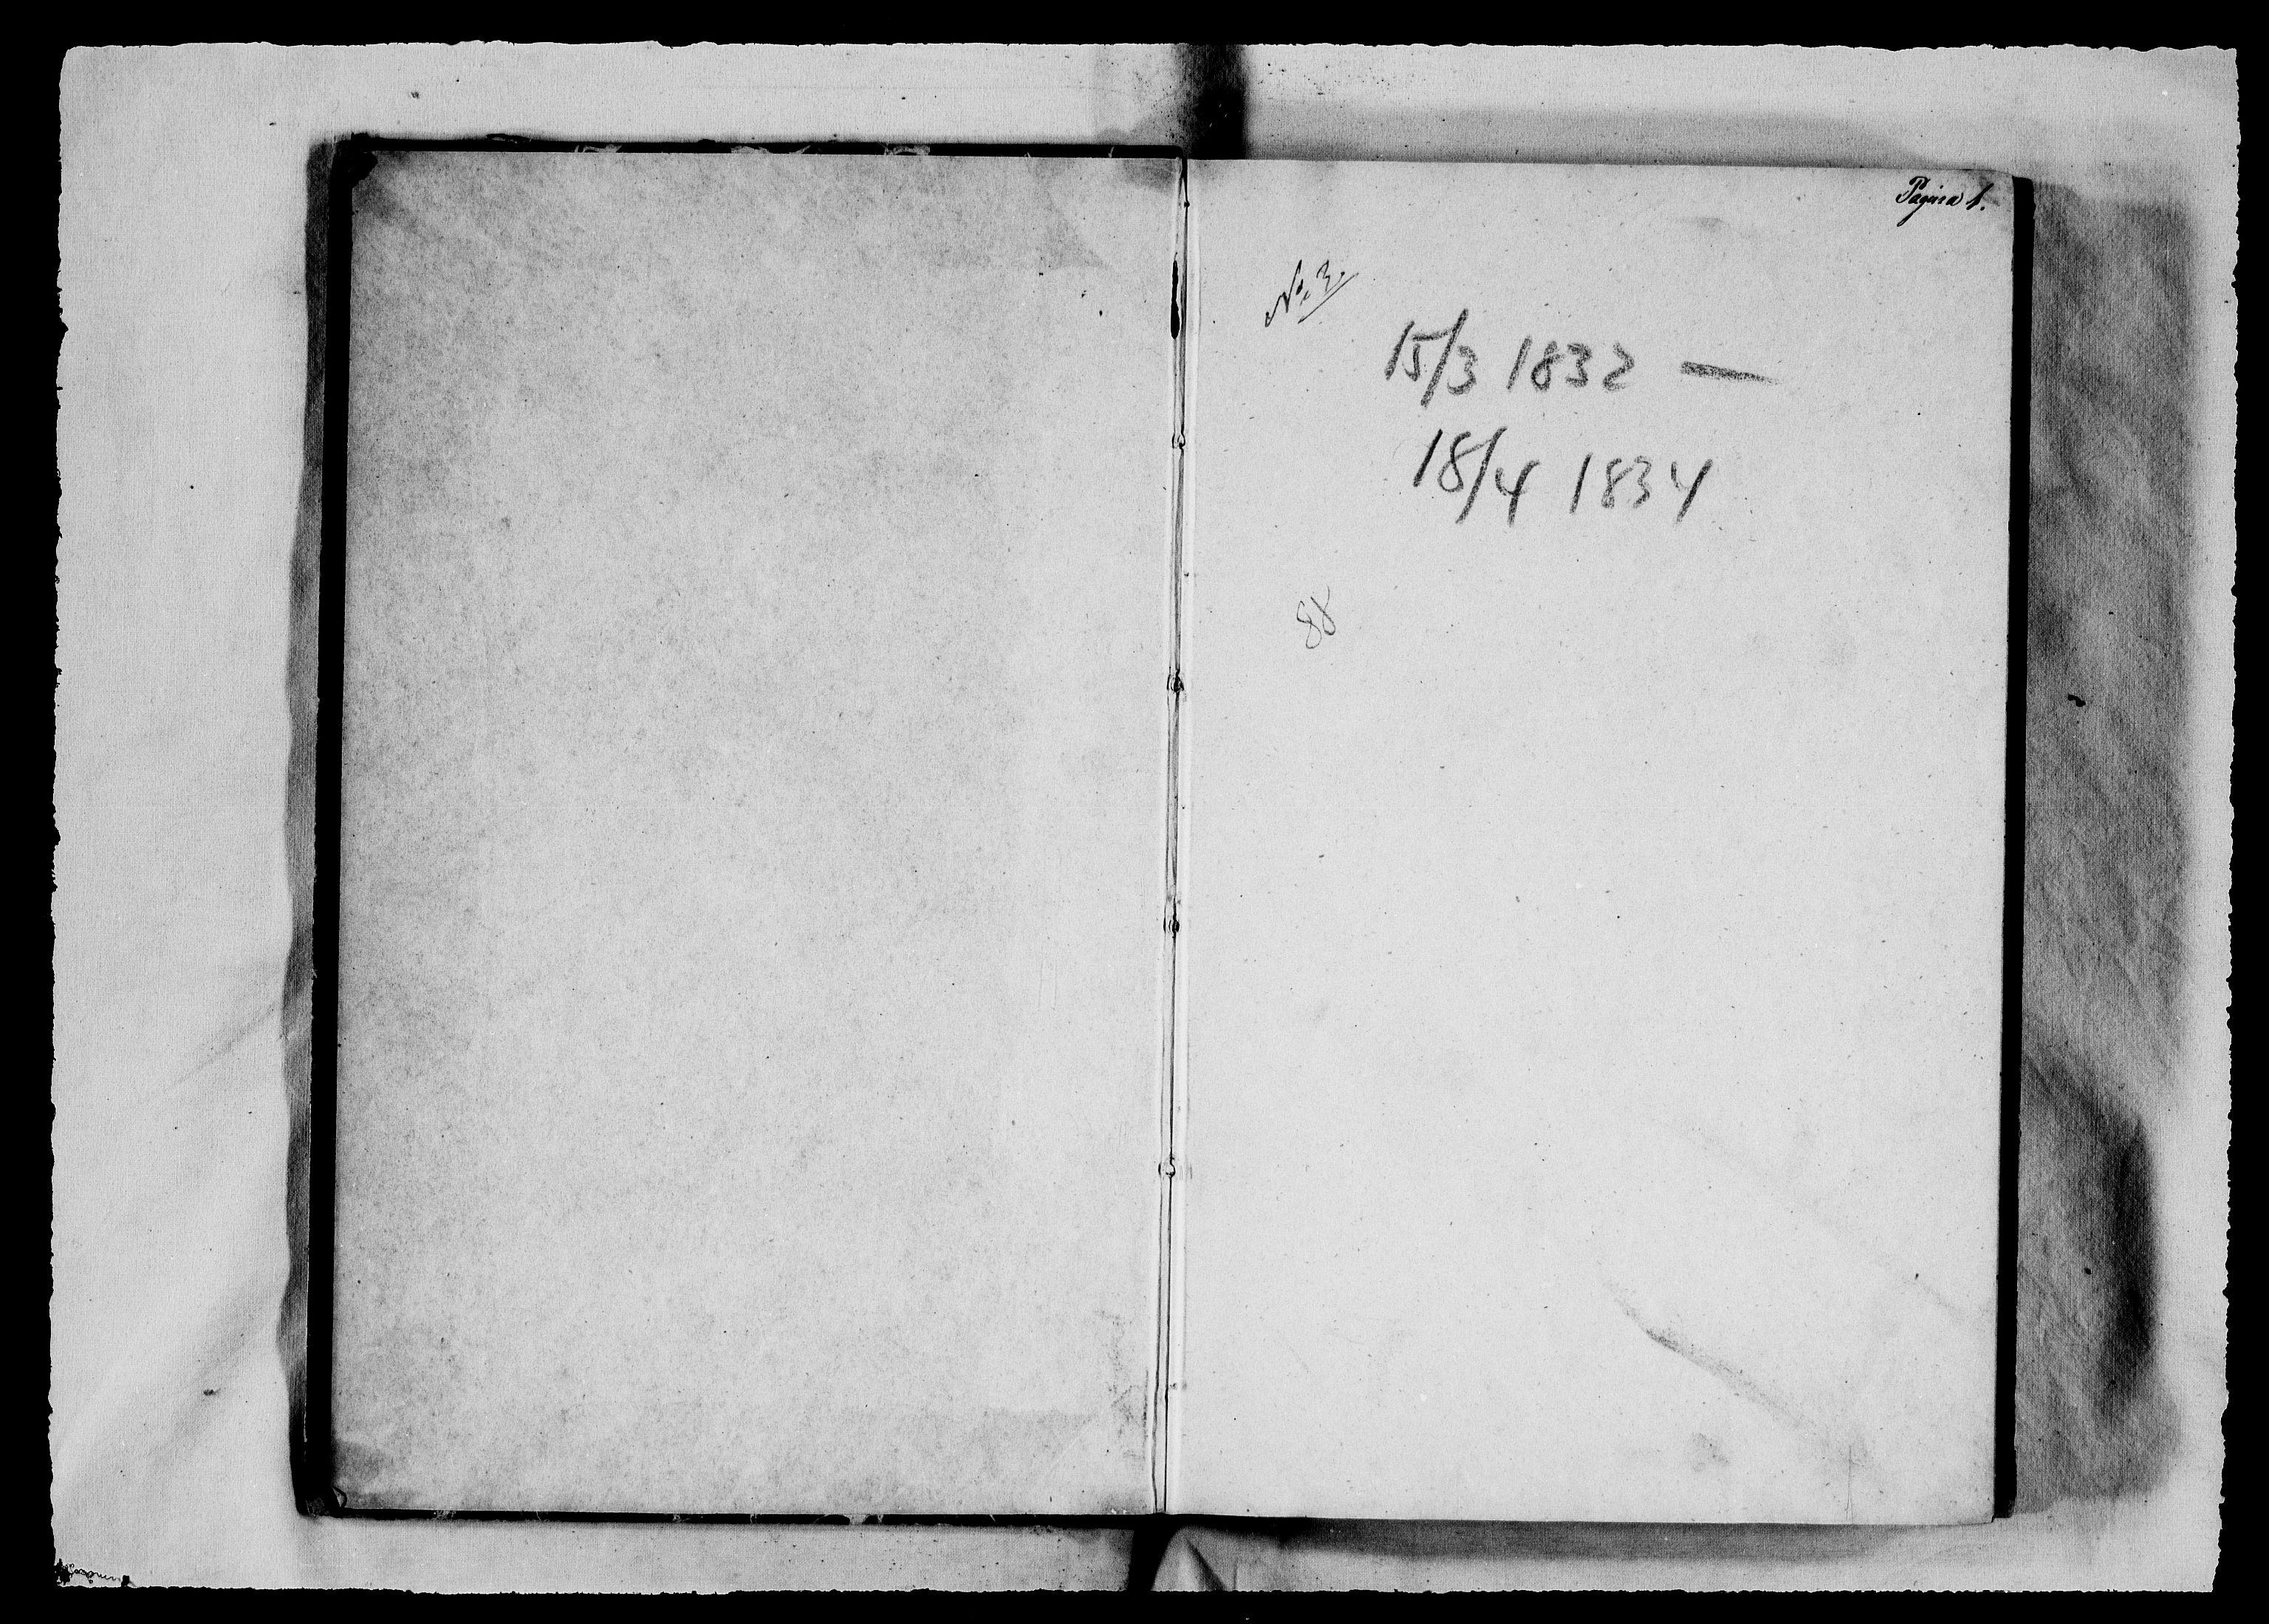 RA, Modums Blaafarveværk, G/Gb/L0088, 1832-1834, s. 2